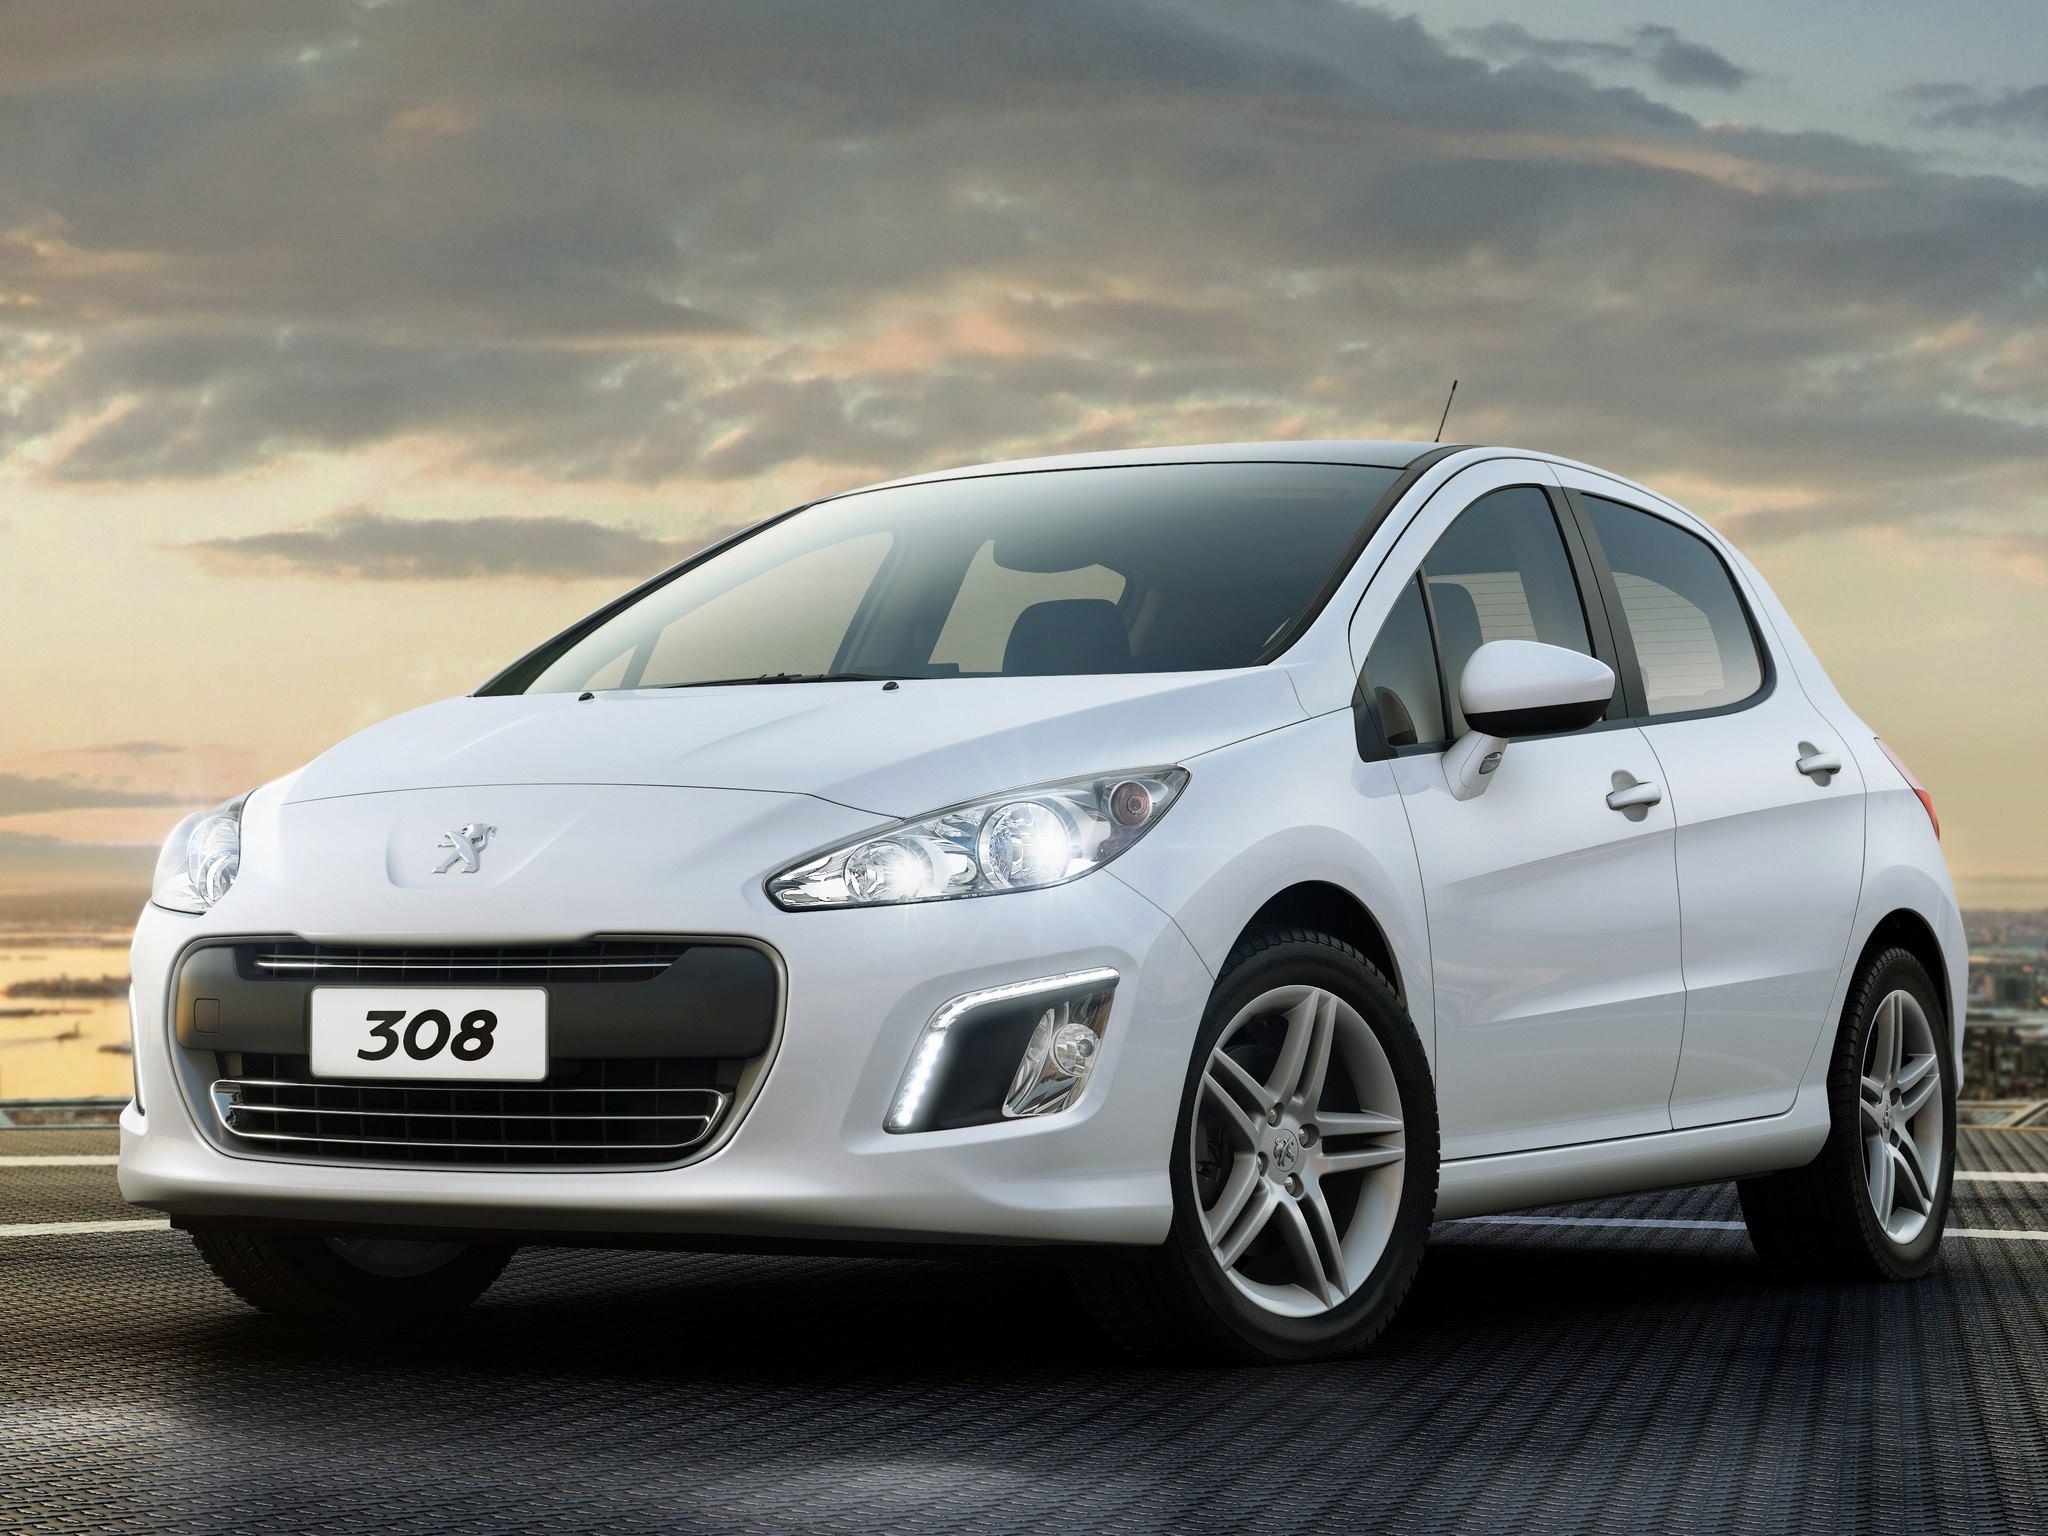 Peugeot convoca unidades dos modelos 308 e 408 para recall. Deformação na manta térmica pode causar incêndio na compartimento do motor.